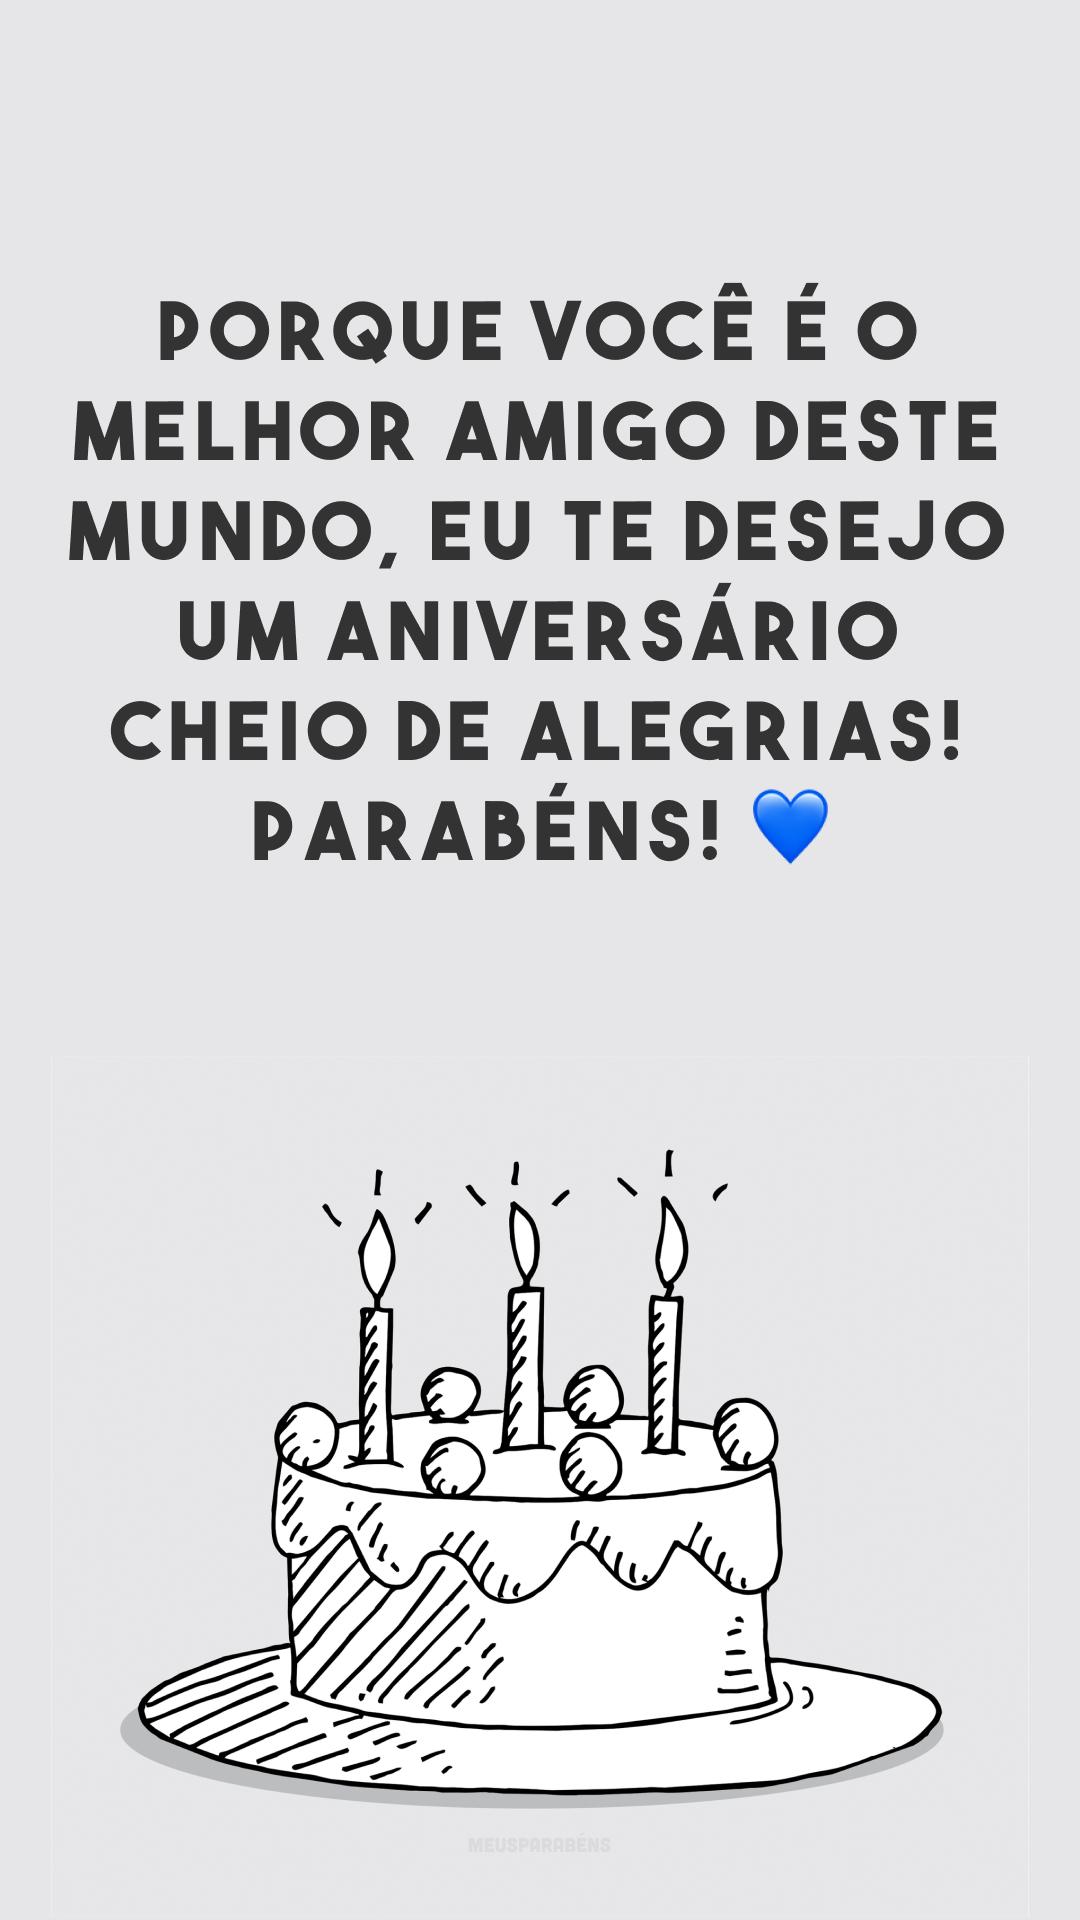 Porque você é o melhor amigo deste mundo, eu te desejo um aniversário cheio de alegrias! Parabéns! 💙